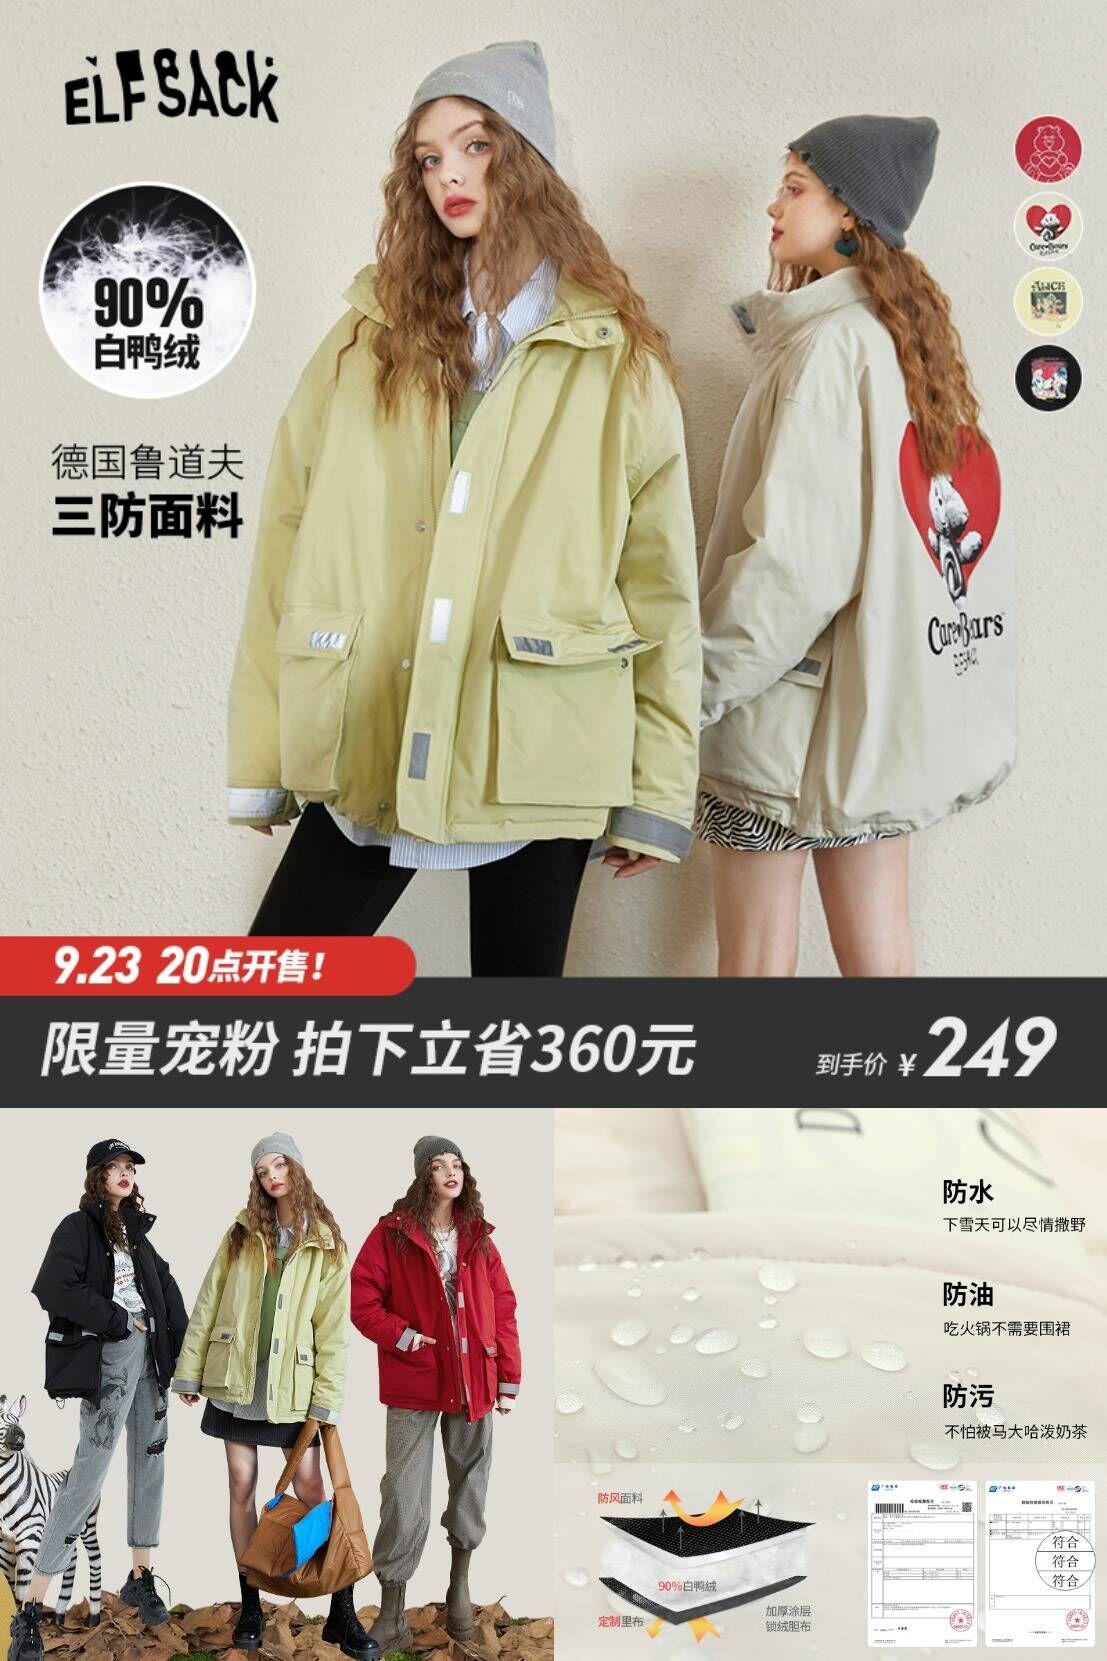 【前5千单送皮肤衣】首发!4色IP联名羽绒服